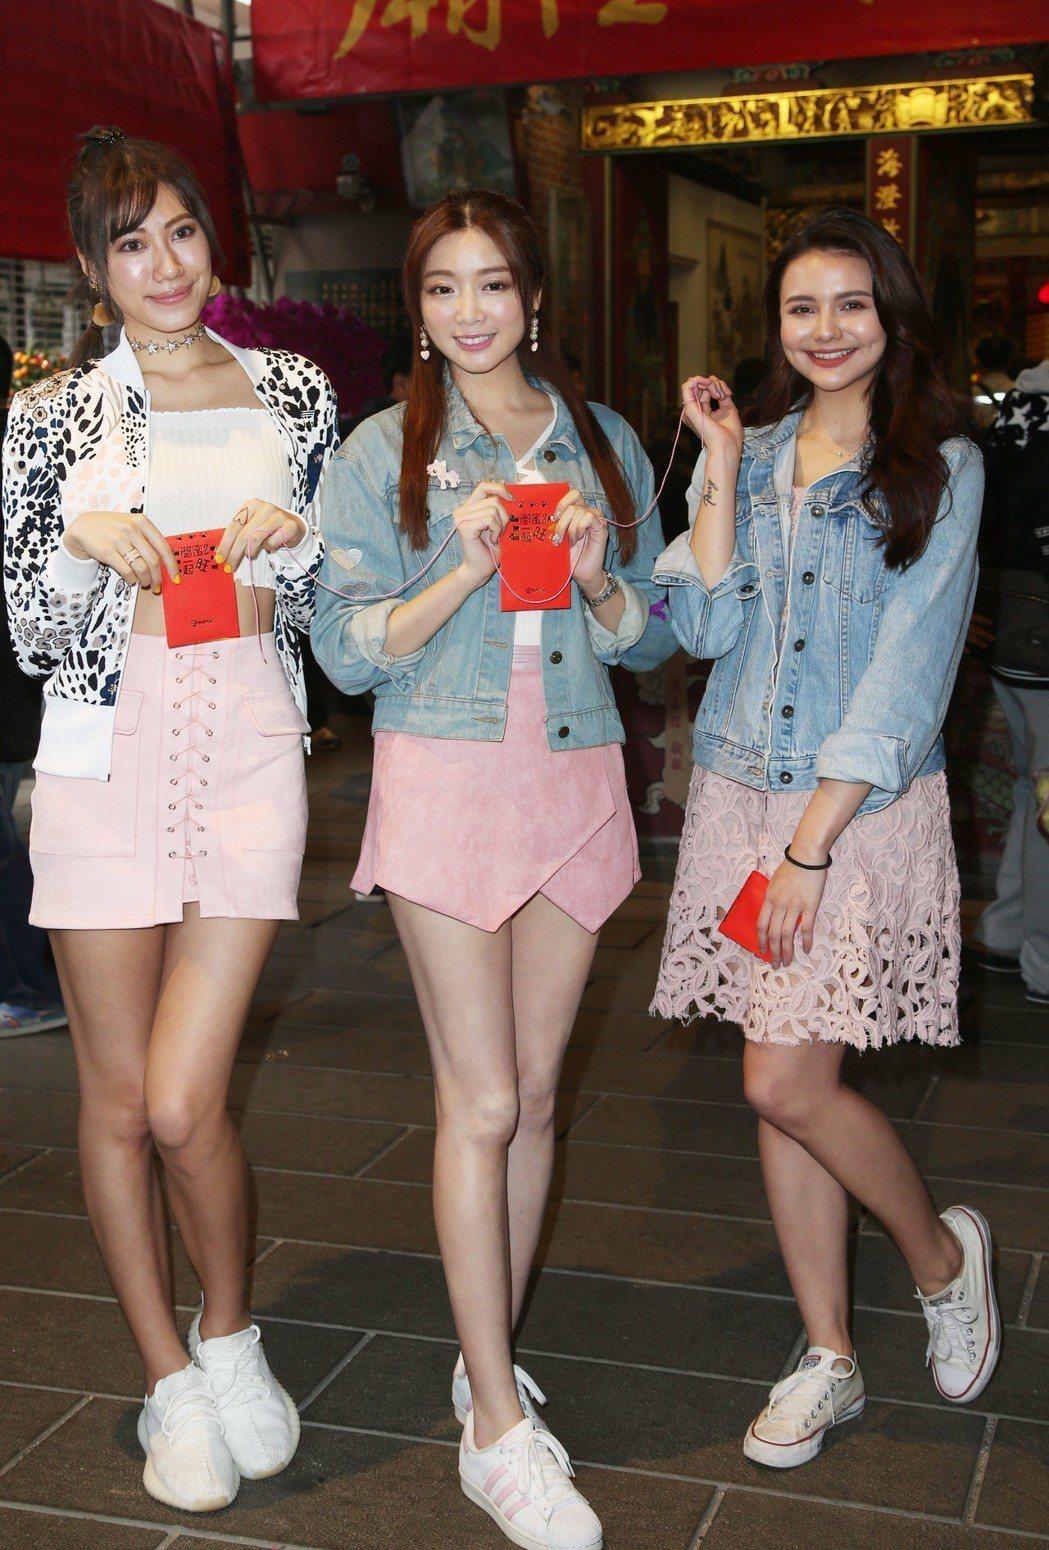 伊林模特兒裴頡(右起)、成語蕎、紀艾希出席電影「閨蜜2」宣傳活動。記者陳瑞源/攝